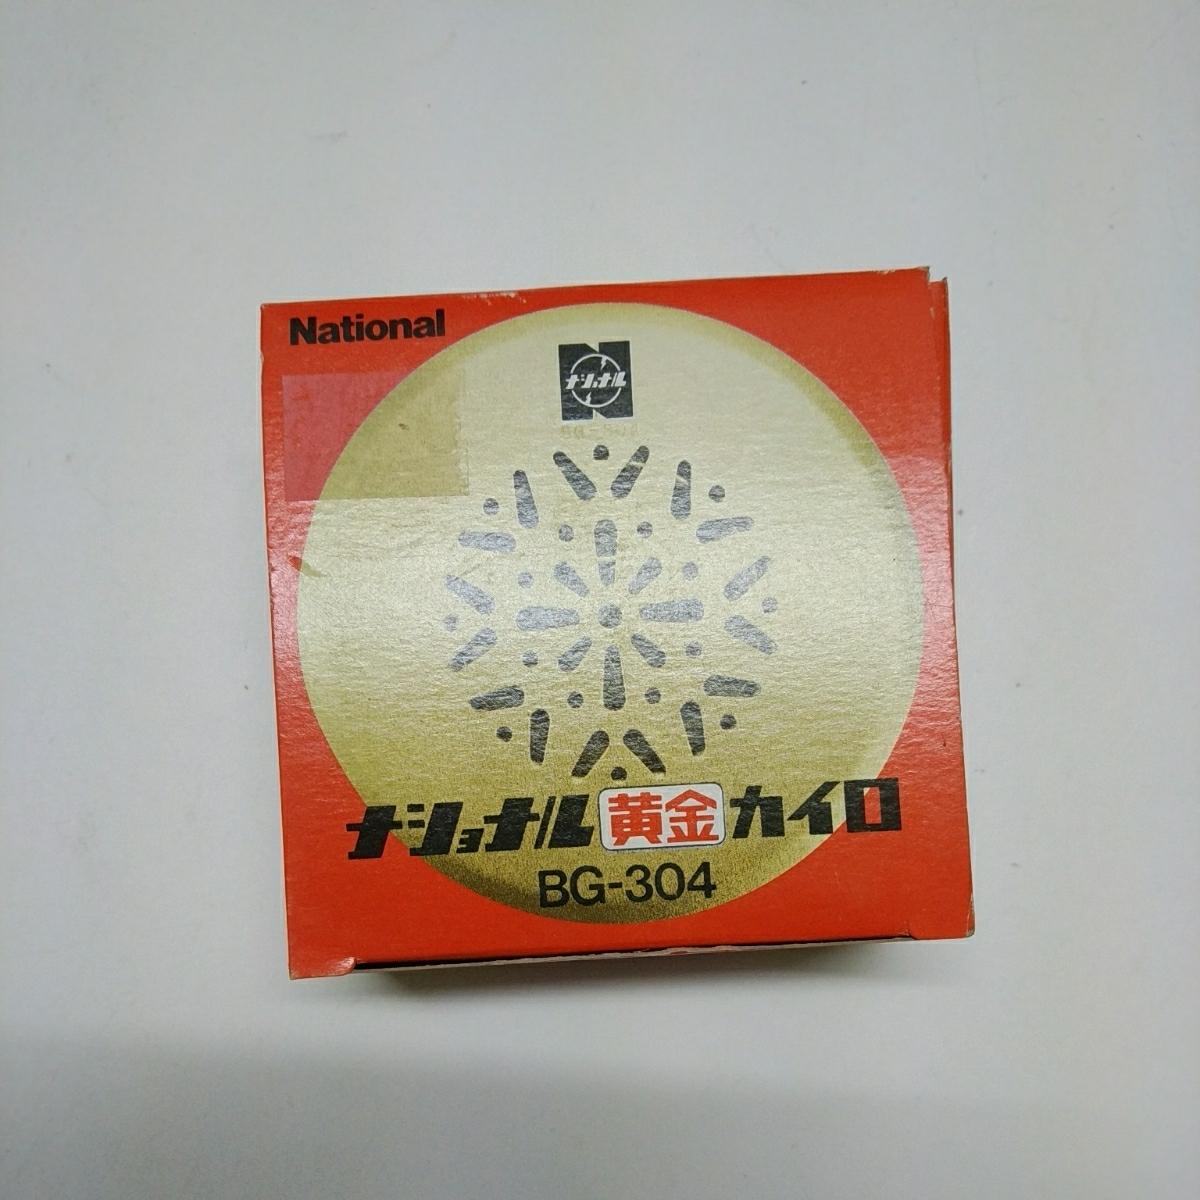 未使用品 希少 ナショナル 乾電池式 白金 カイロ BG-304 黄金カイロ 袋付 松下電器